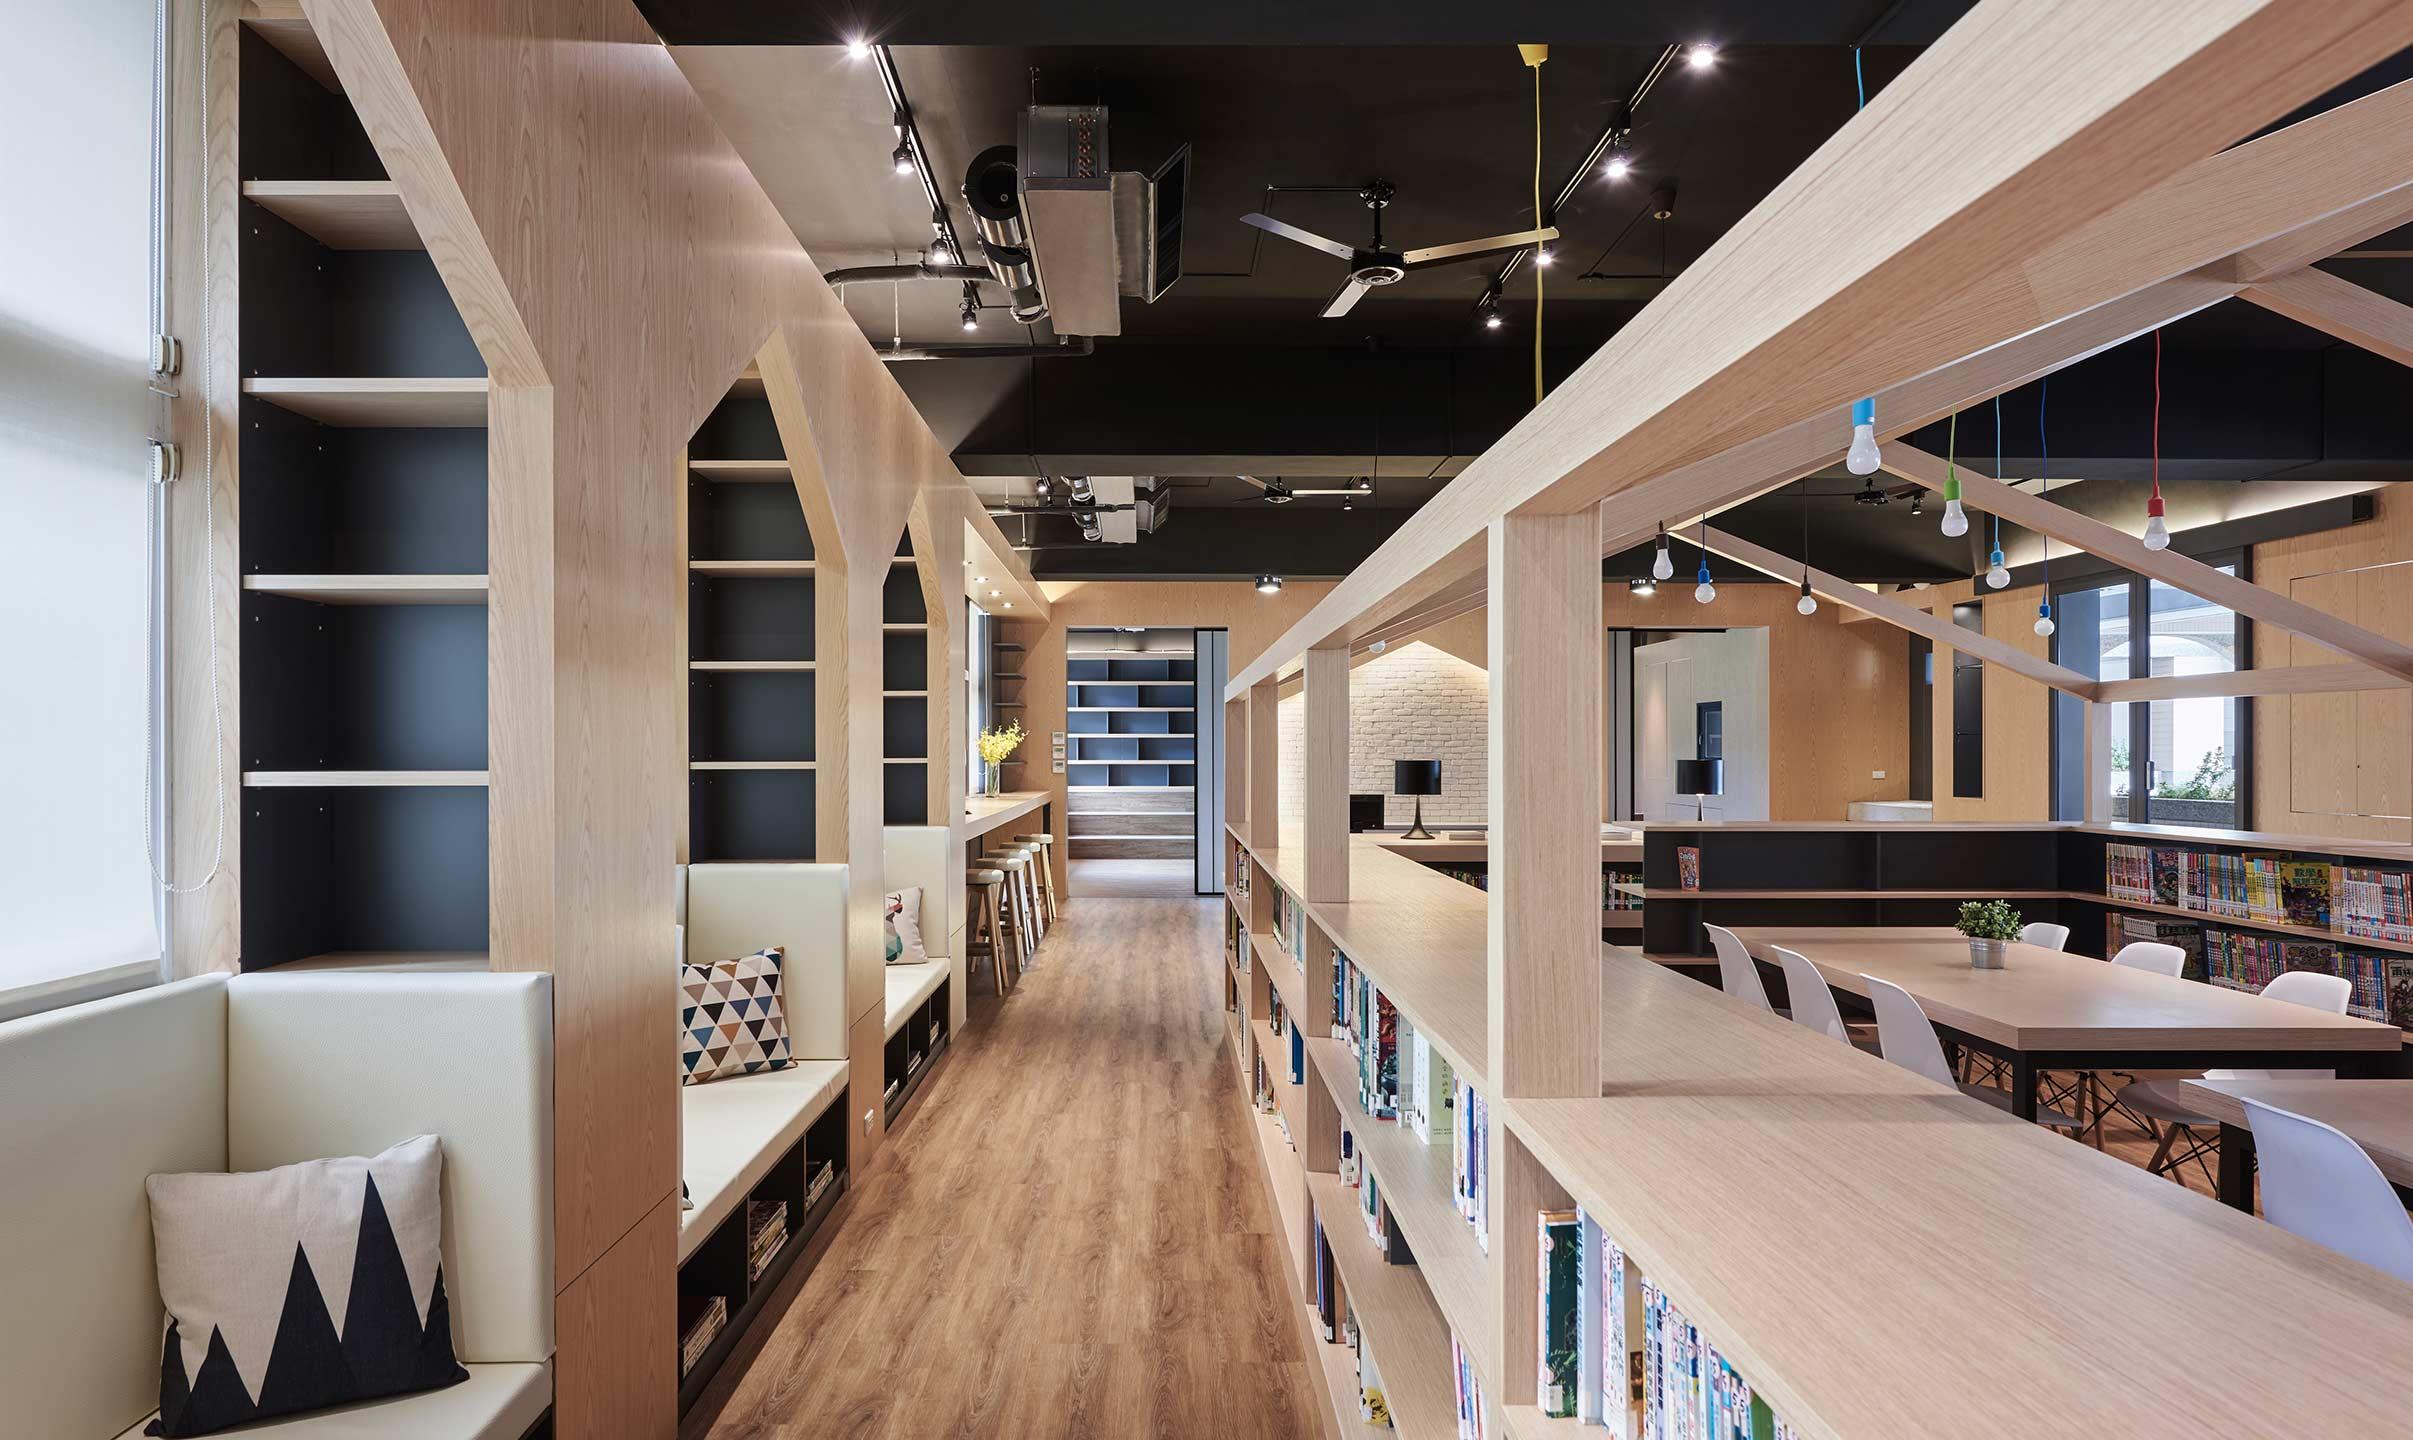 新秀设计师大赛/商业空间组/金奖 面积|50坪 居住成员|师生 房屋状况